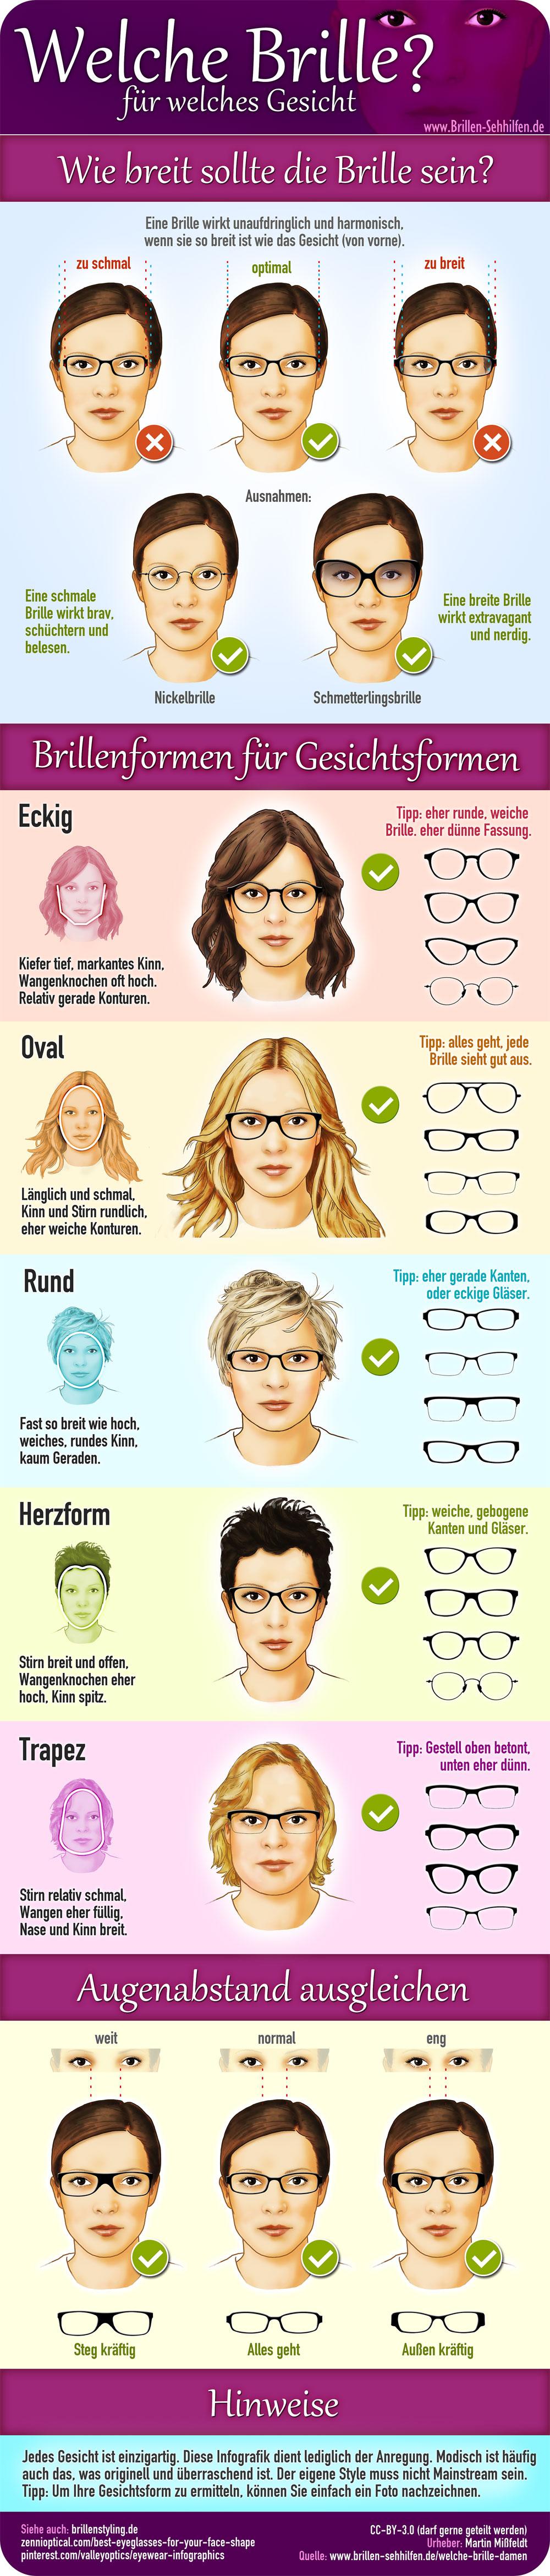 Welche Brille für welches Gesicht? (Infografik)